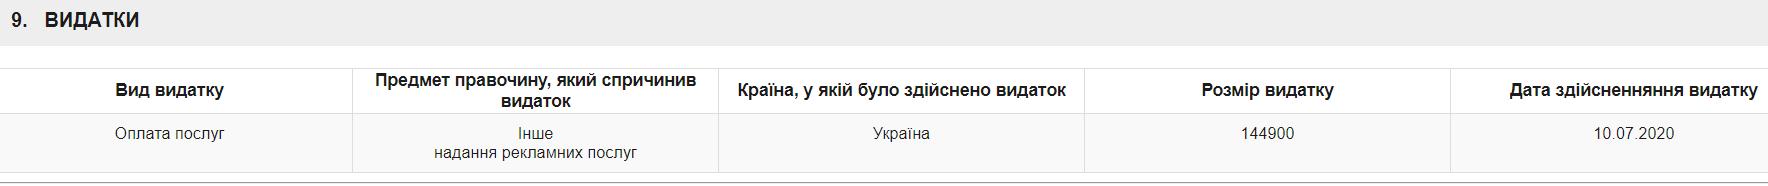 Трати Тищенка на рекламу.